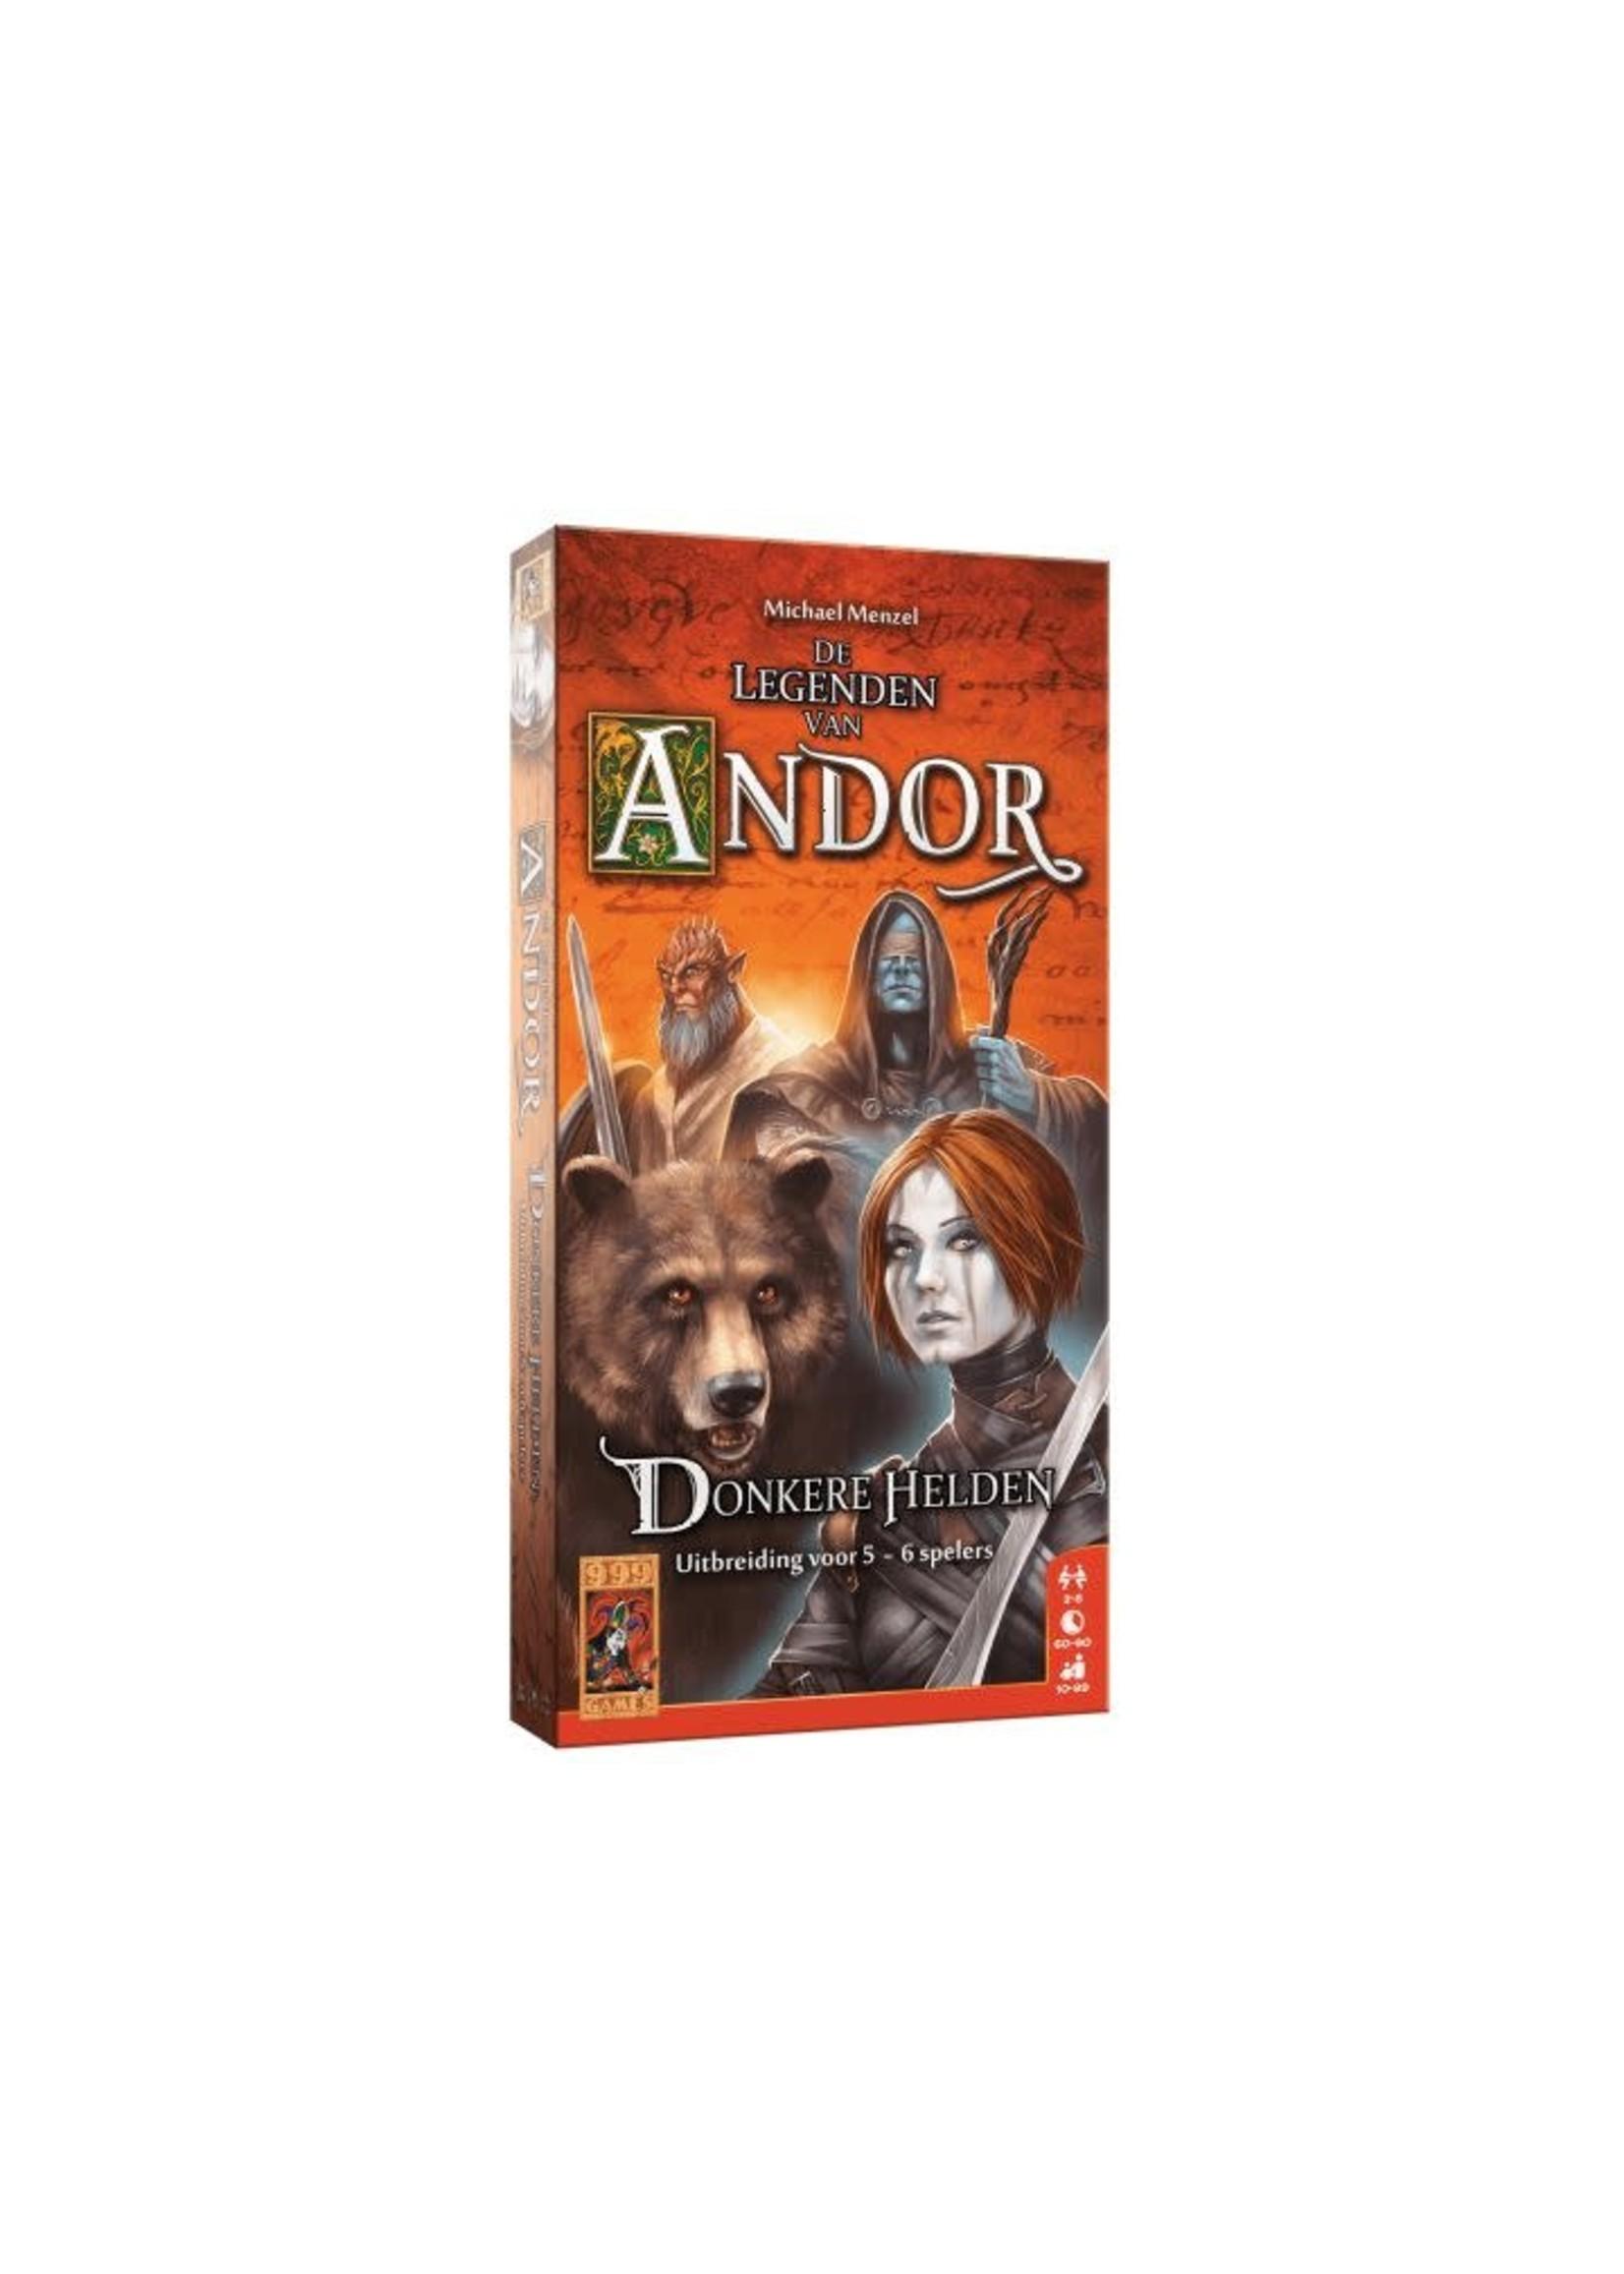 De Legenden Van Andor: Donkere Helden 5/6 Spelers